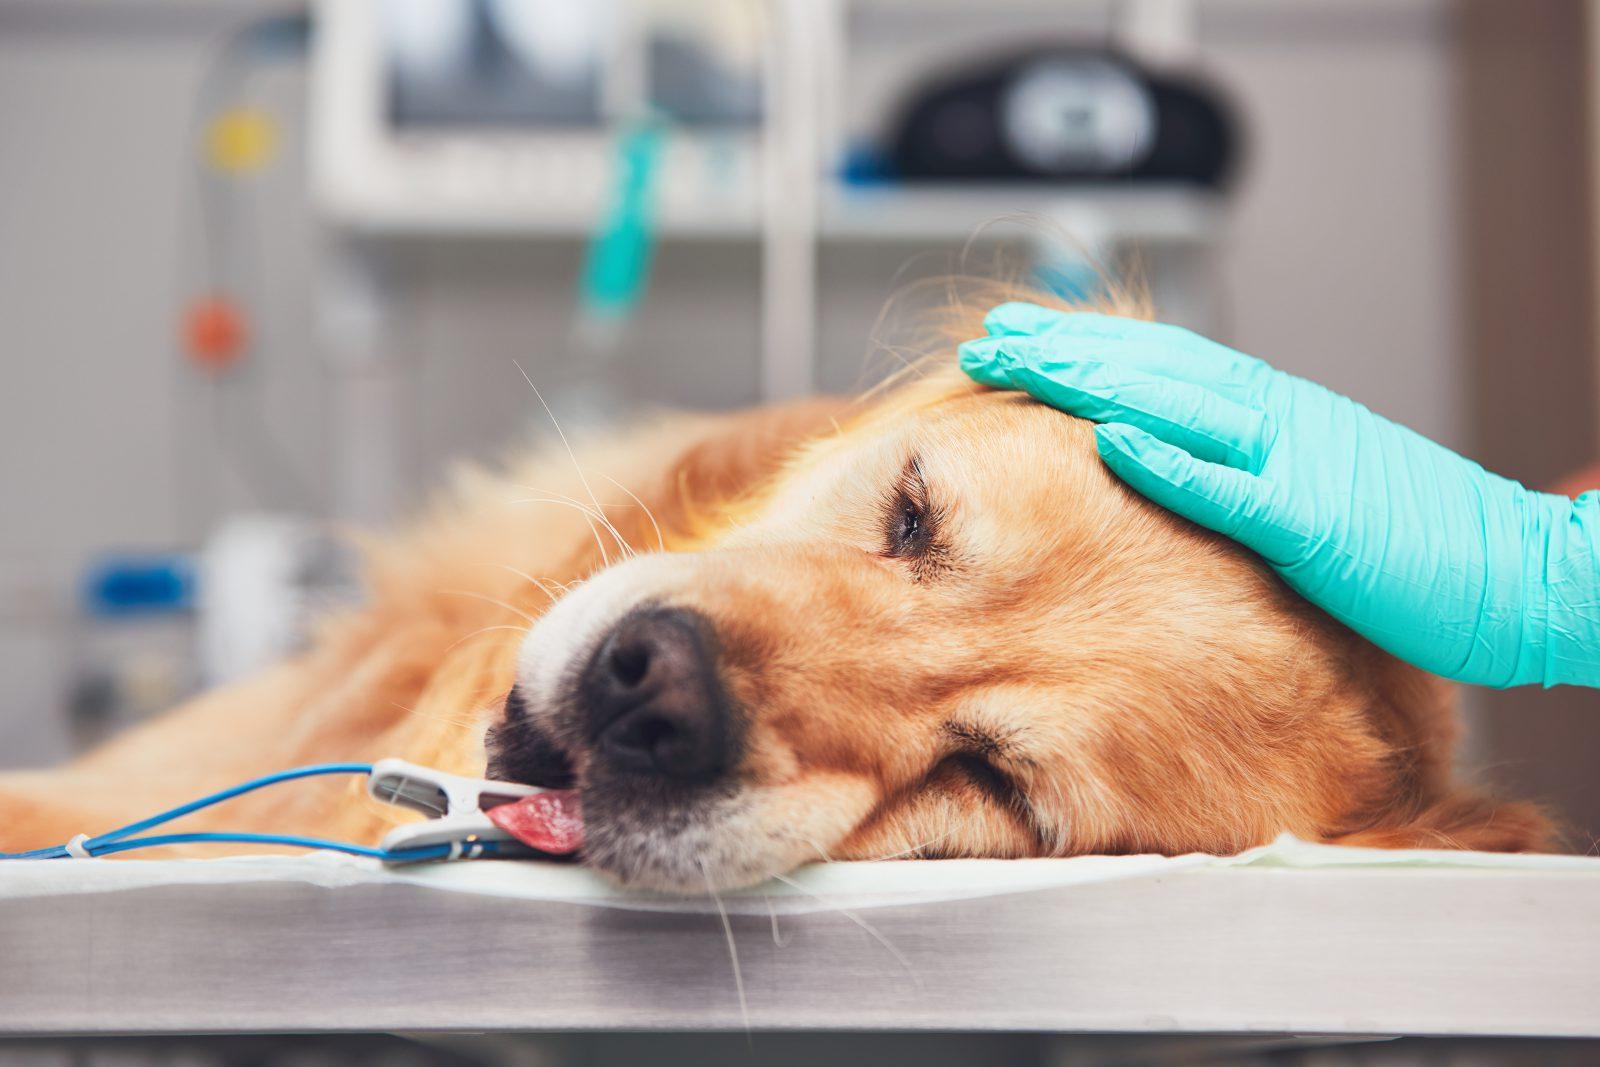 Plano de saúde para cachorro: Golden retriever na mesa de cirurgia no veterinário recebendo sedação.